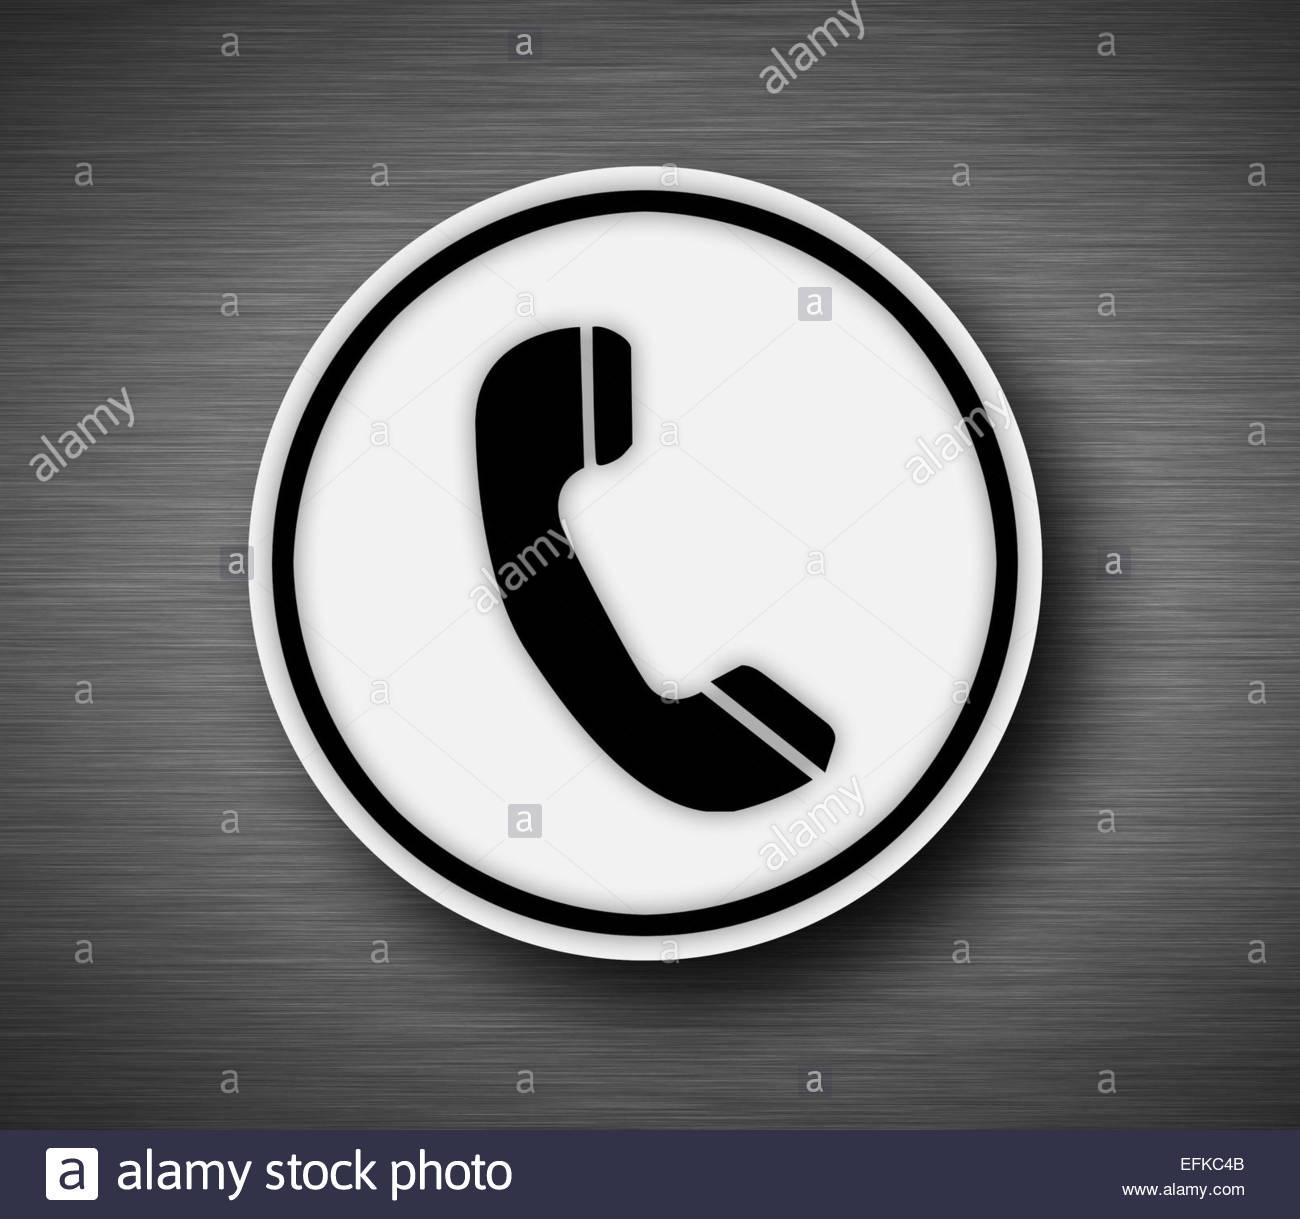 L'icône de téléphone sur fond métallique Photo Stock